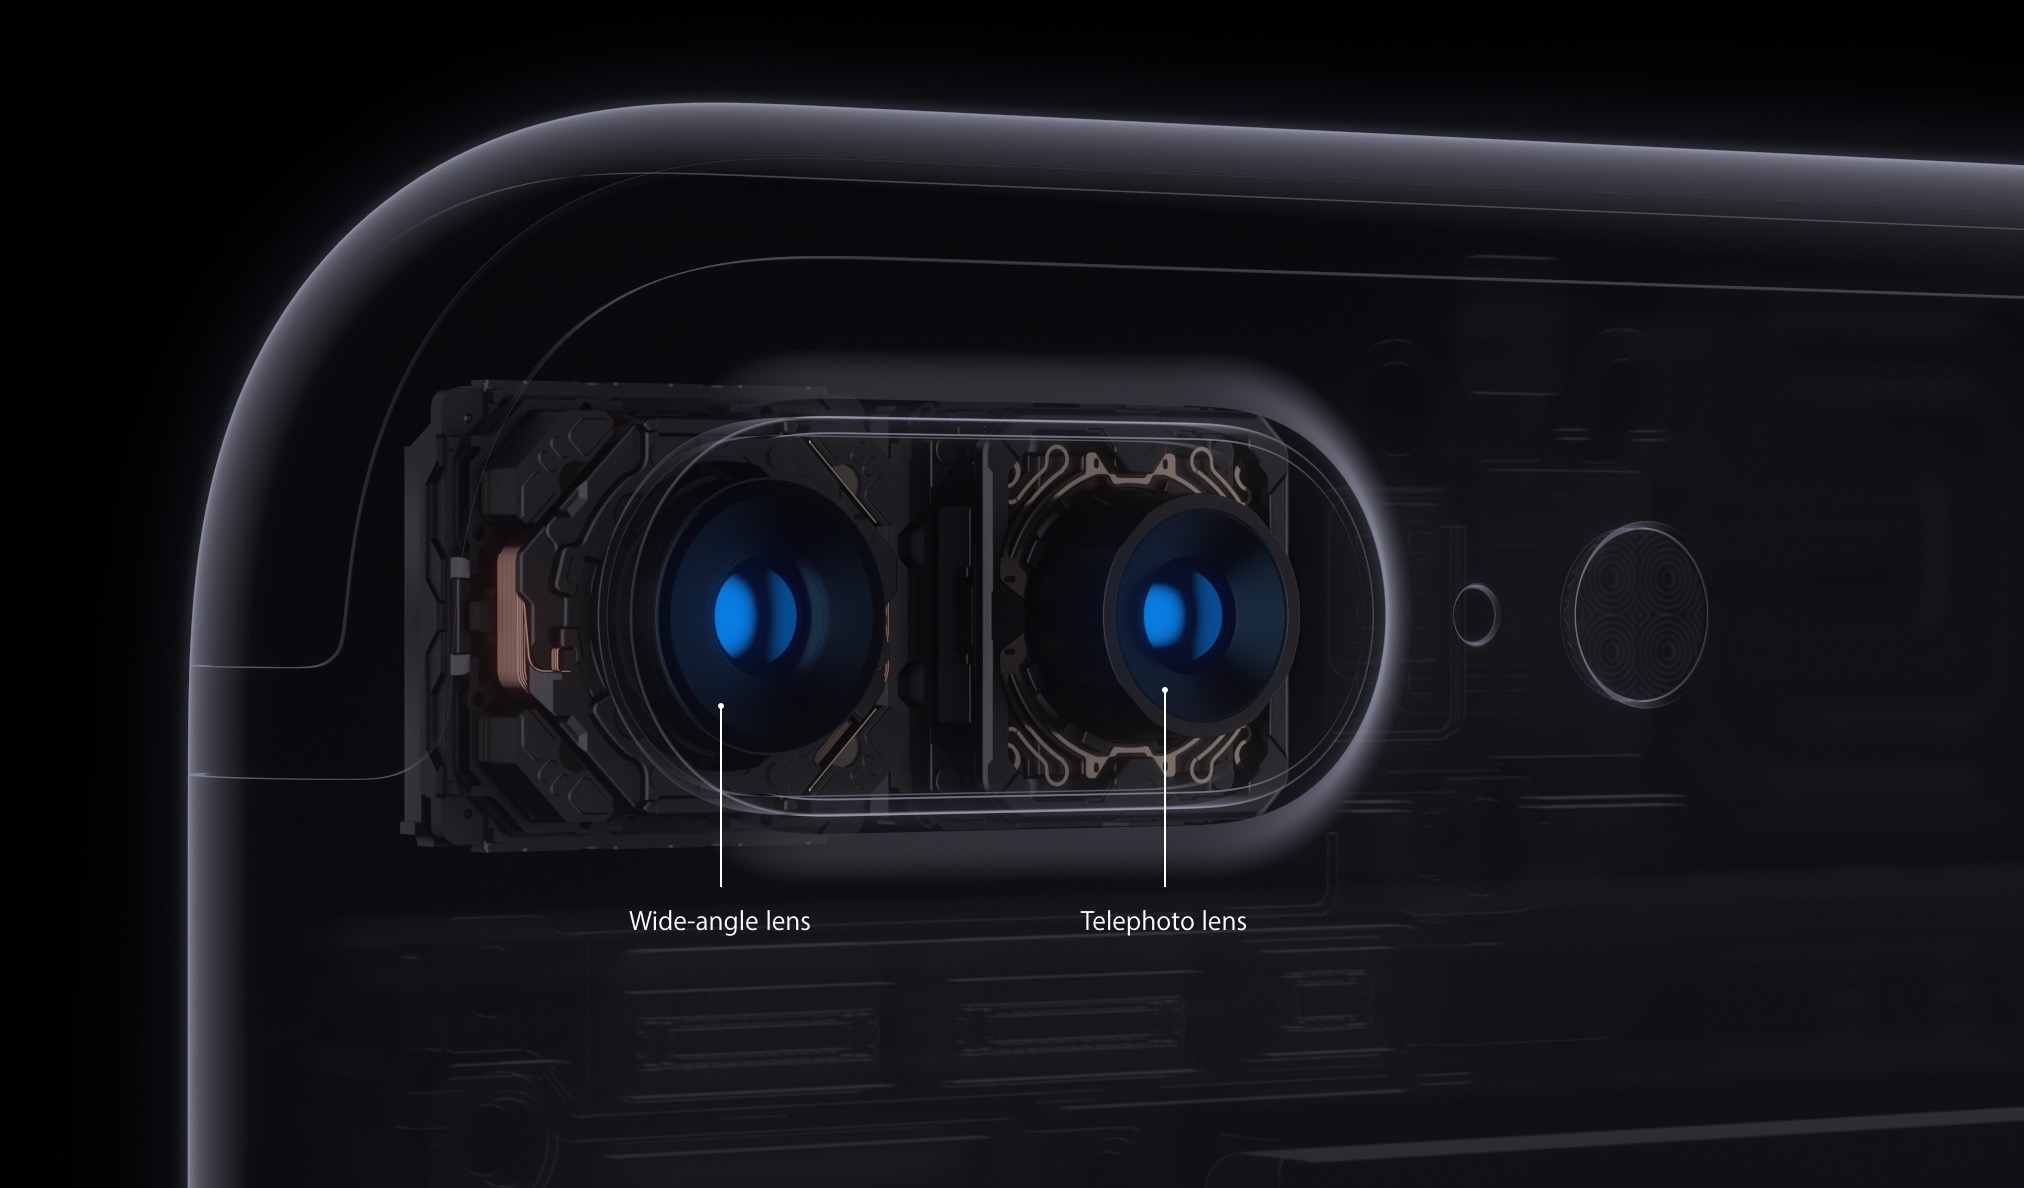 Vários usuários relatam defeitos na câmera do iPhone 7 Plus, veja: